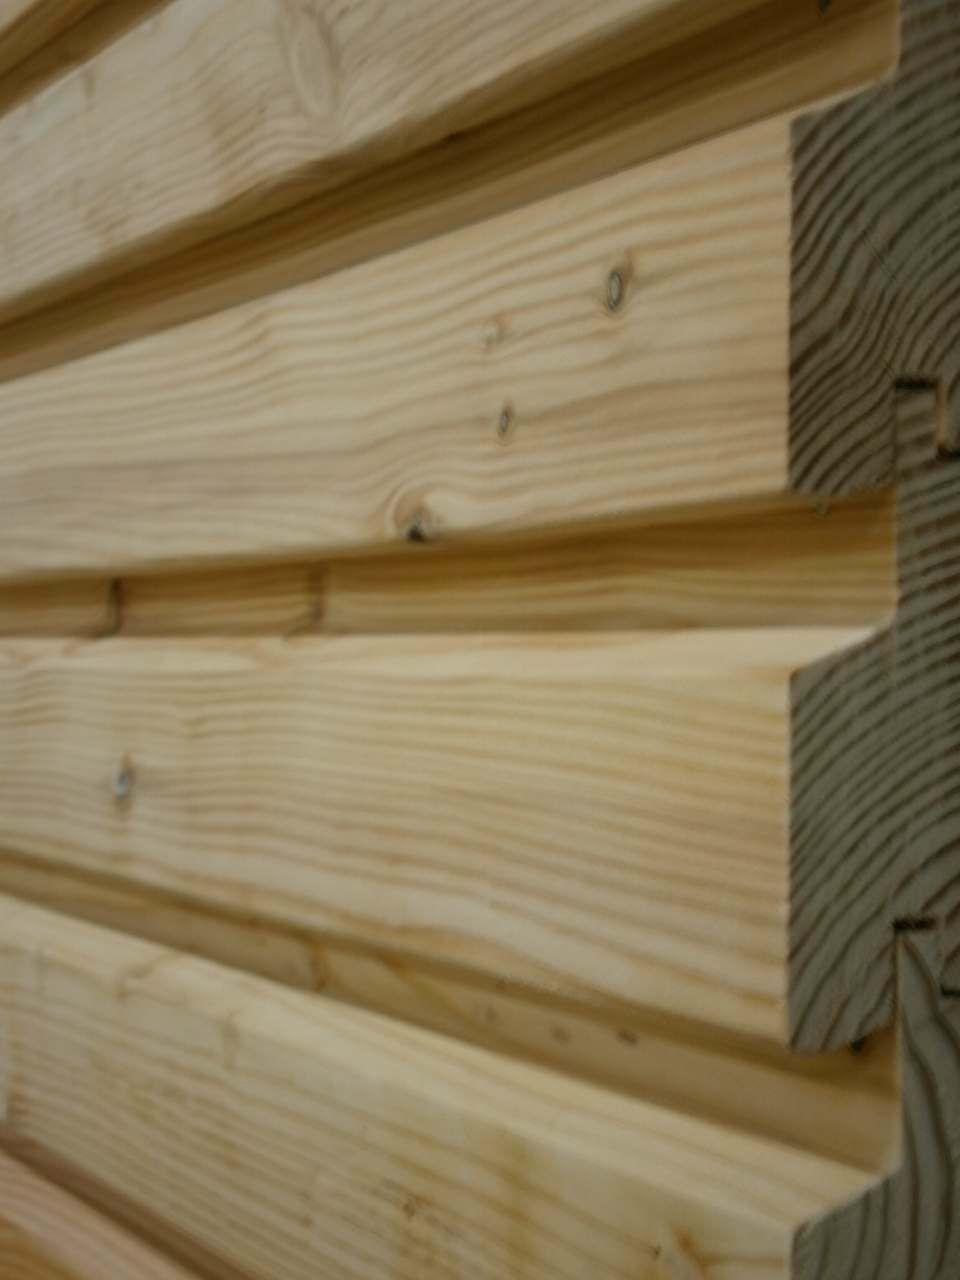 Details Zu Larchen Rautenprofilbretter 34x96 Mm Profilholz Rhombusleisten In 2020 Architektur Haus Design Holz Holzverkleidung Fassade